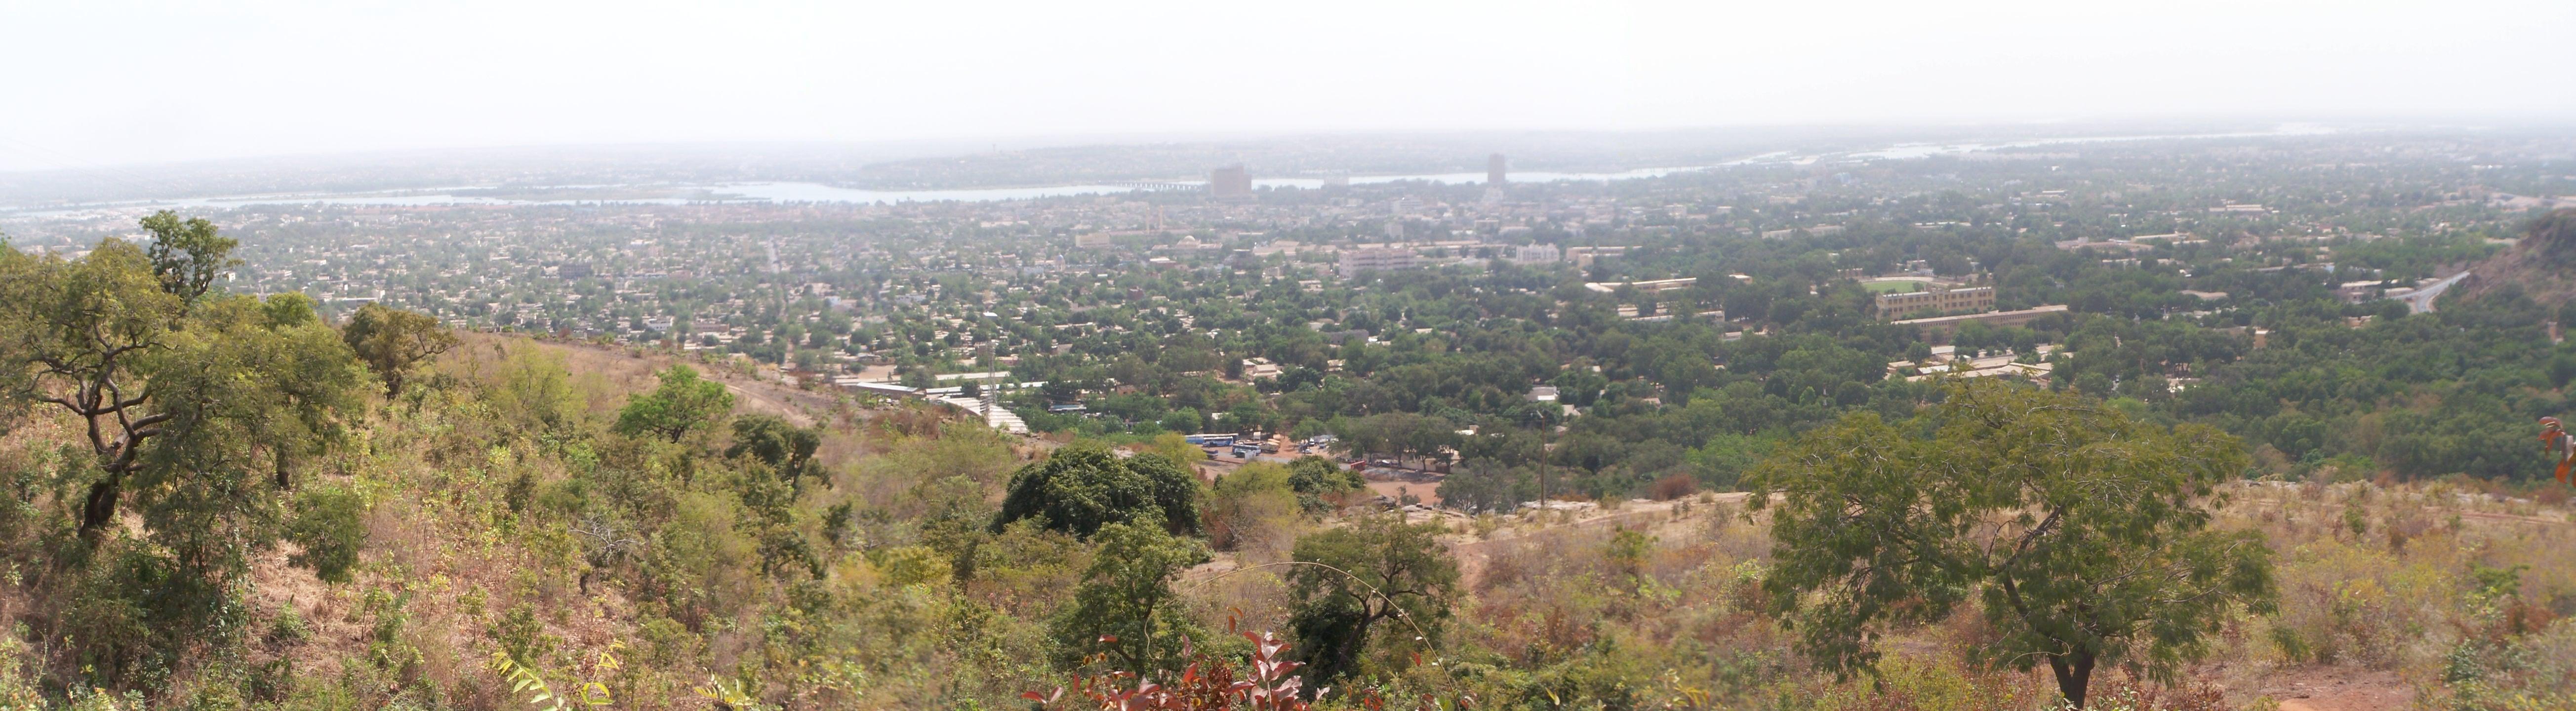 100_3813 Bamako panorama